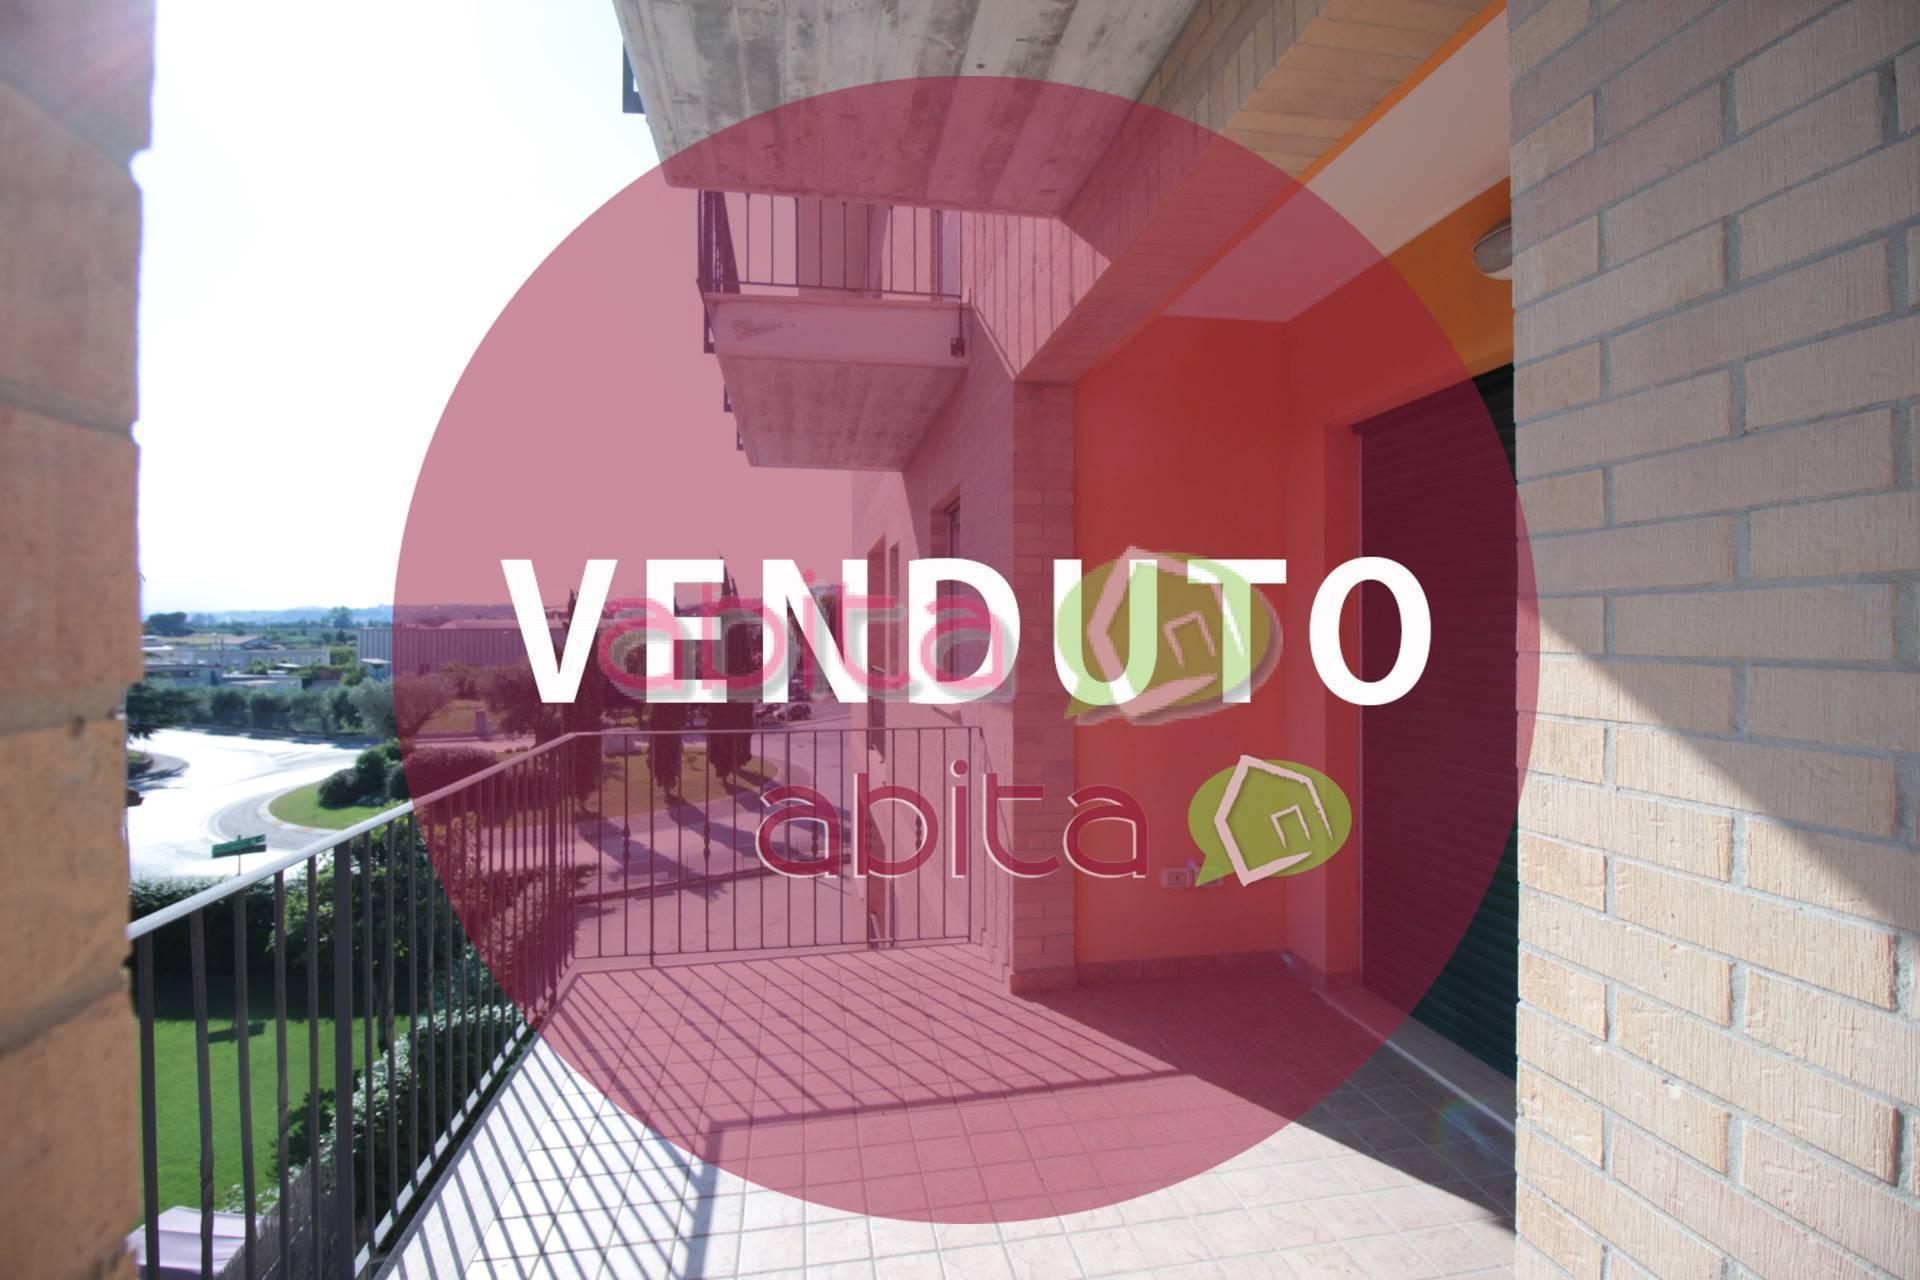 Appartamento in vendita a Spinetoli, 3 locali, zona Località: PagliaredelTronto, prezzo € 118.000 | CambioCasa.it